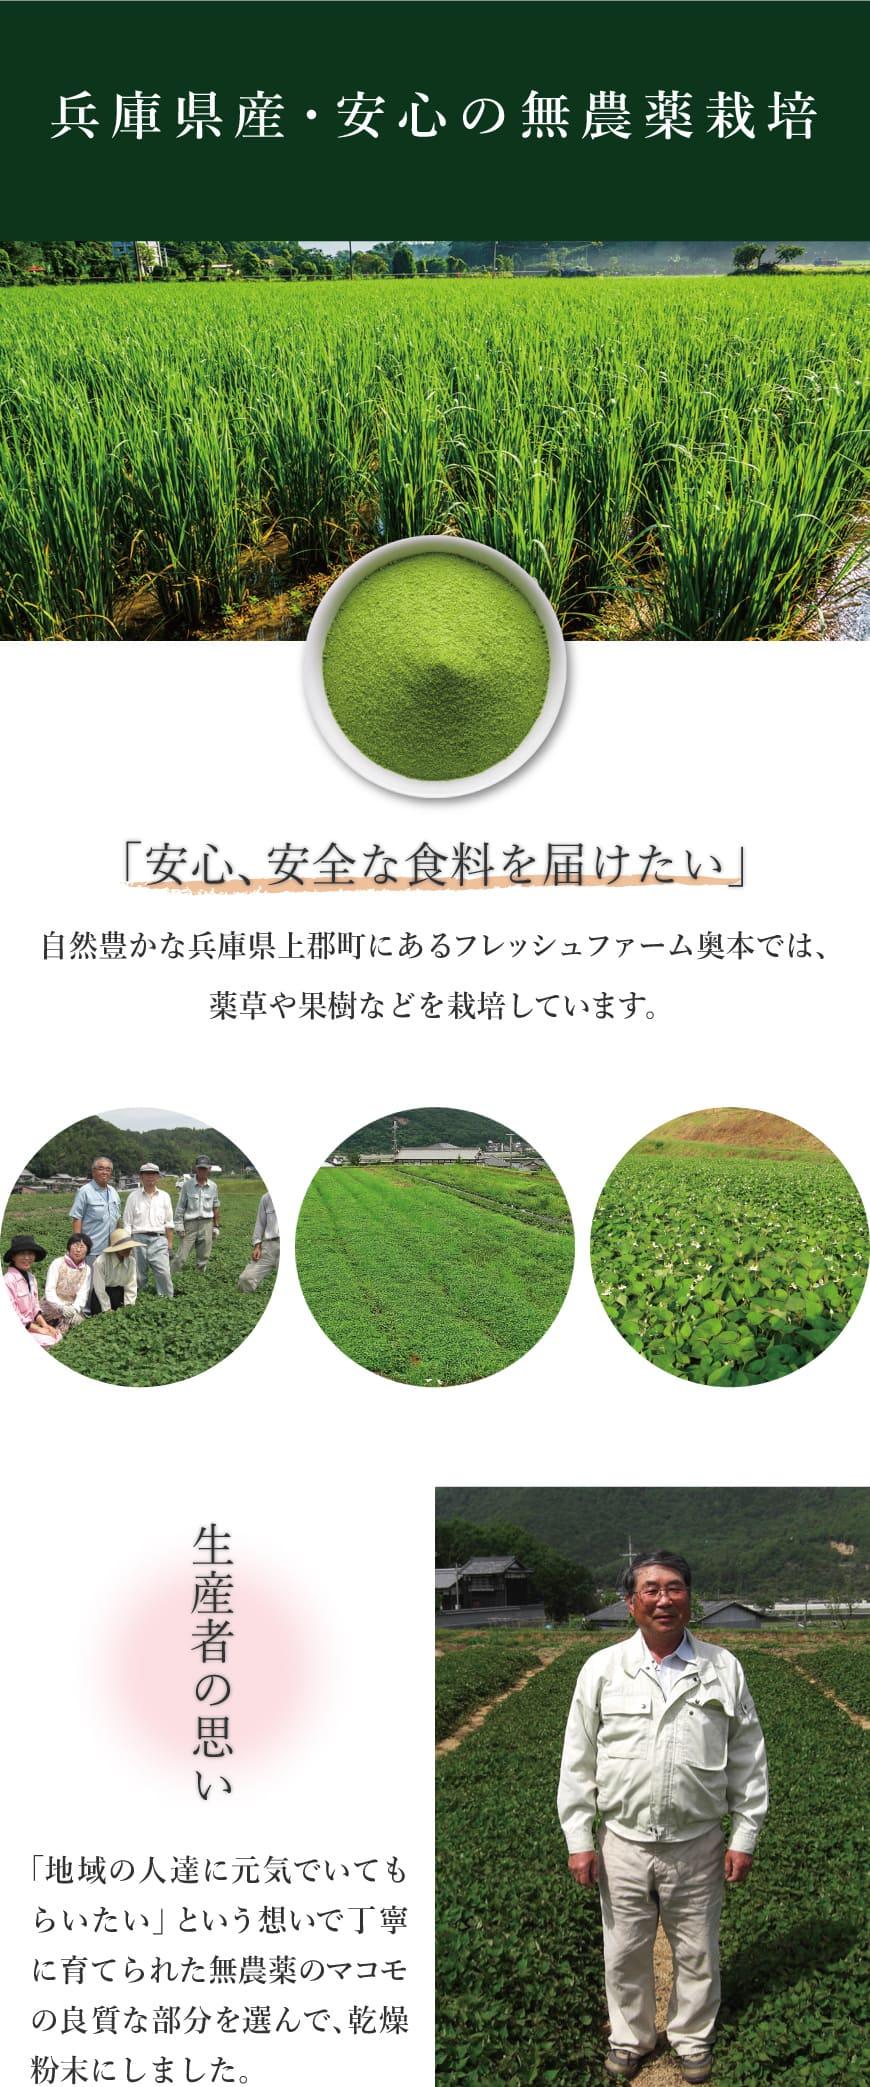 兵庫県産・安心の無農薬栽培